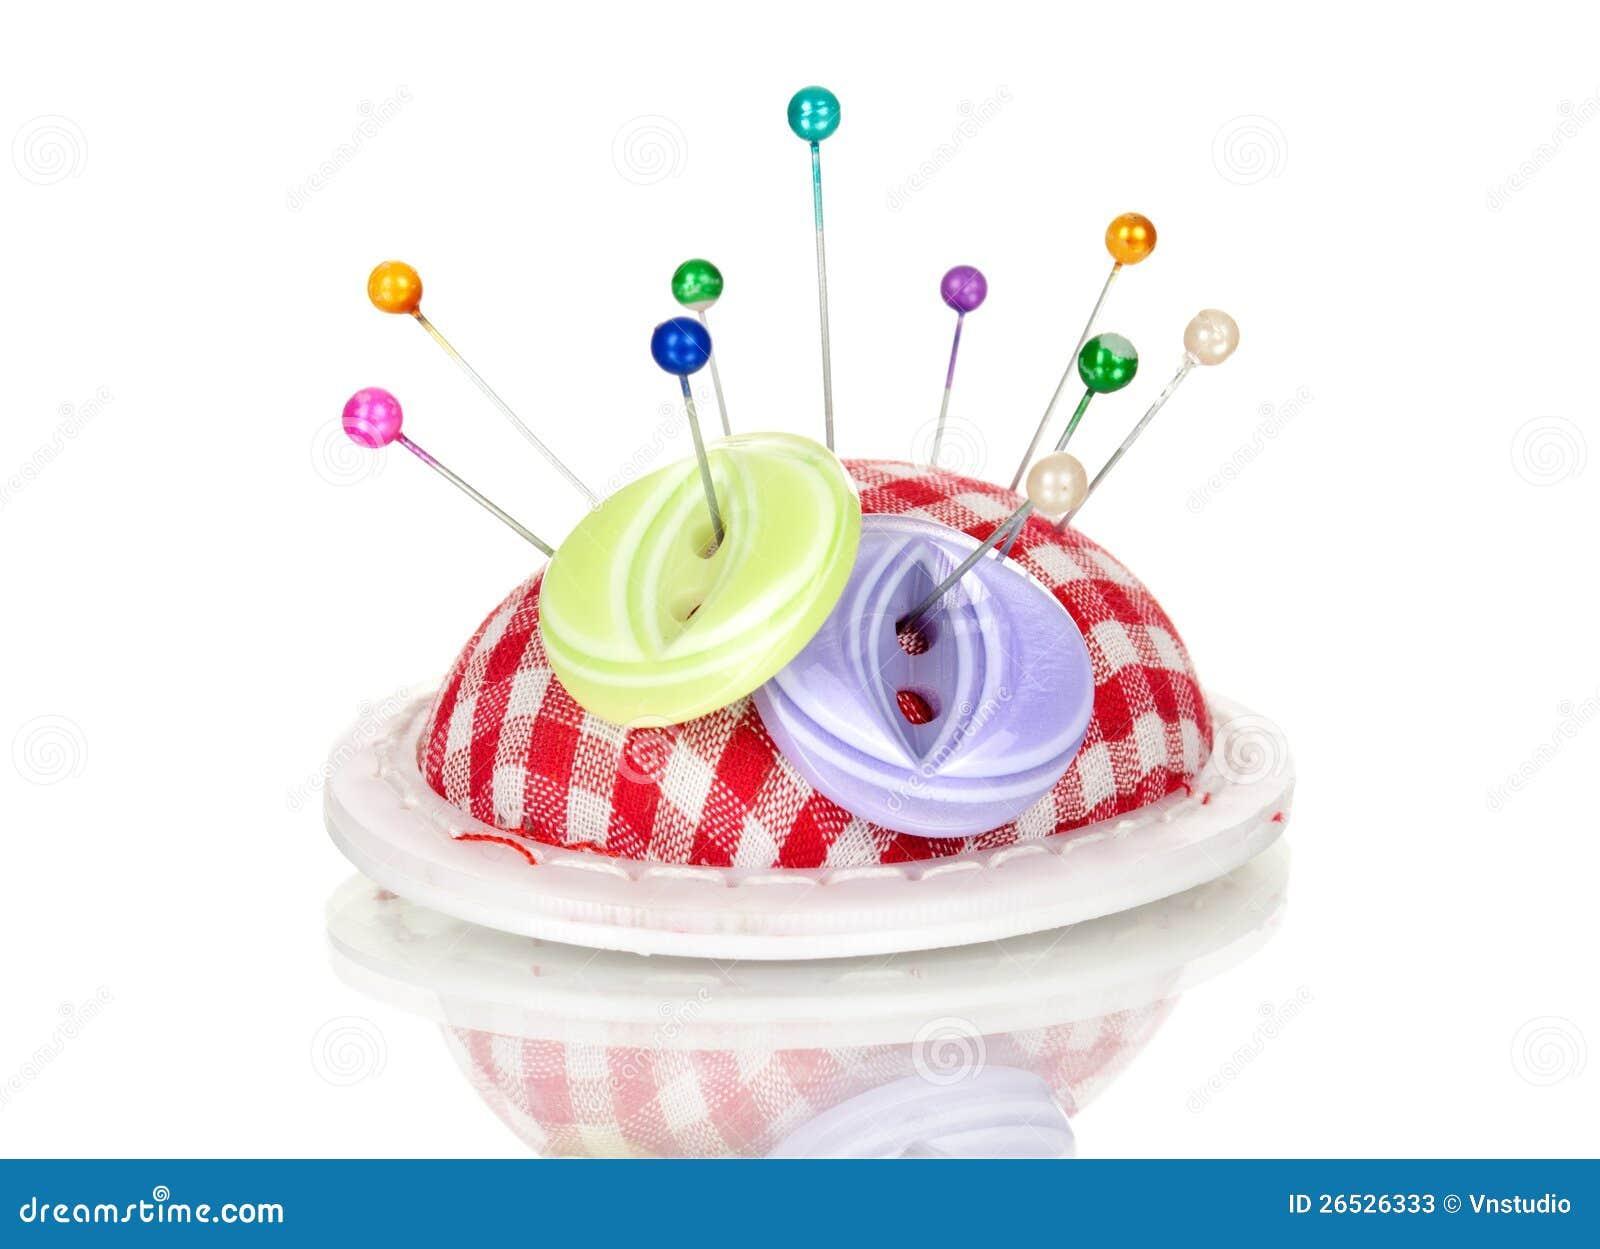 Cabezas de alfiler coloreadas en el acerico y el botón